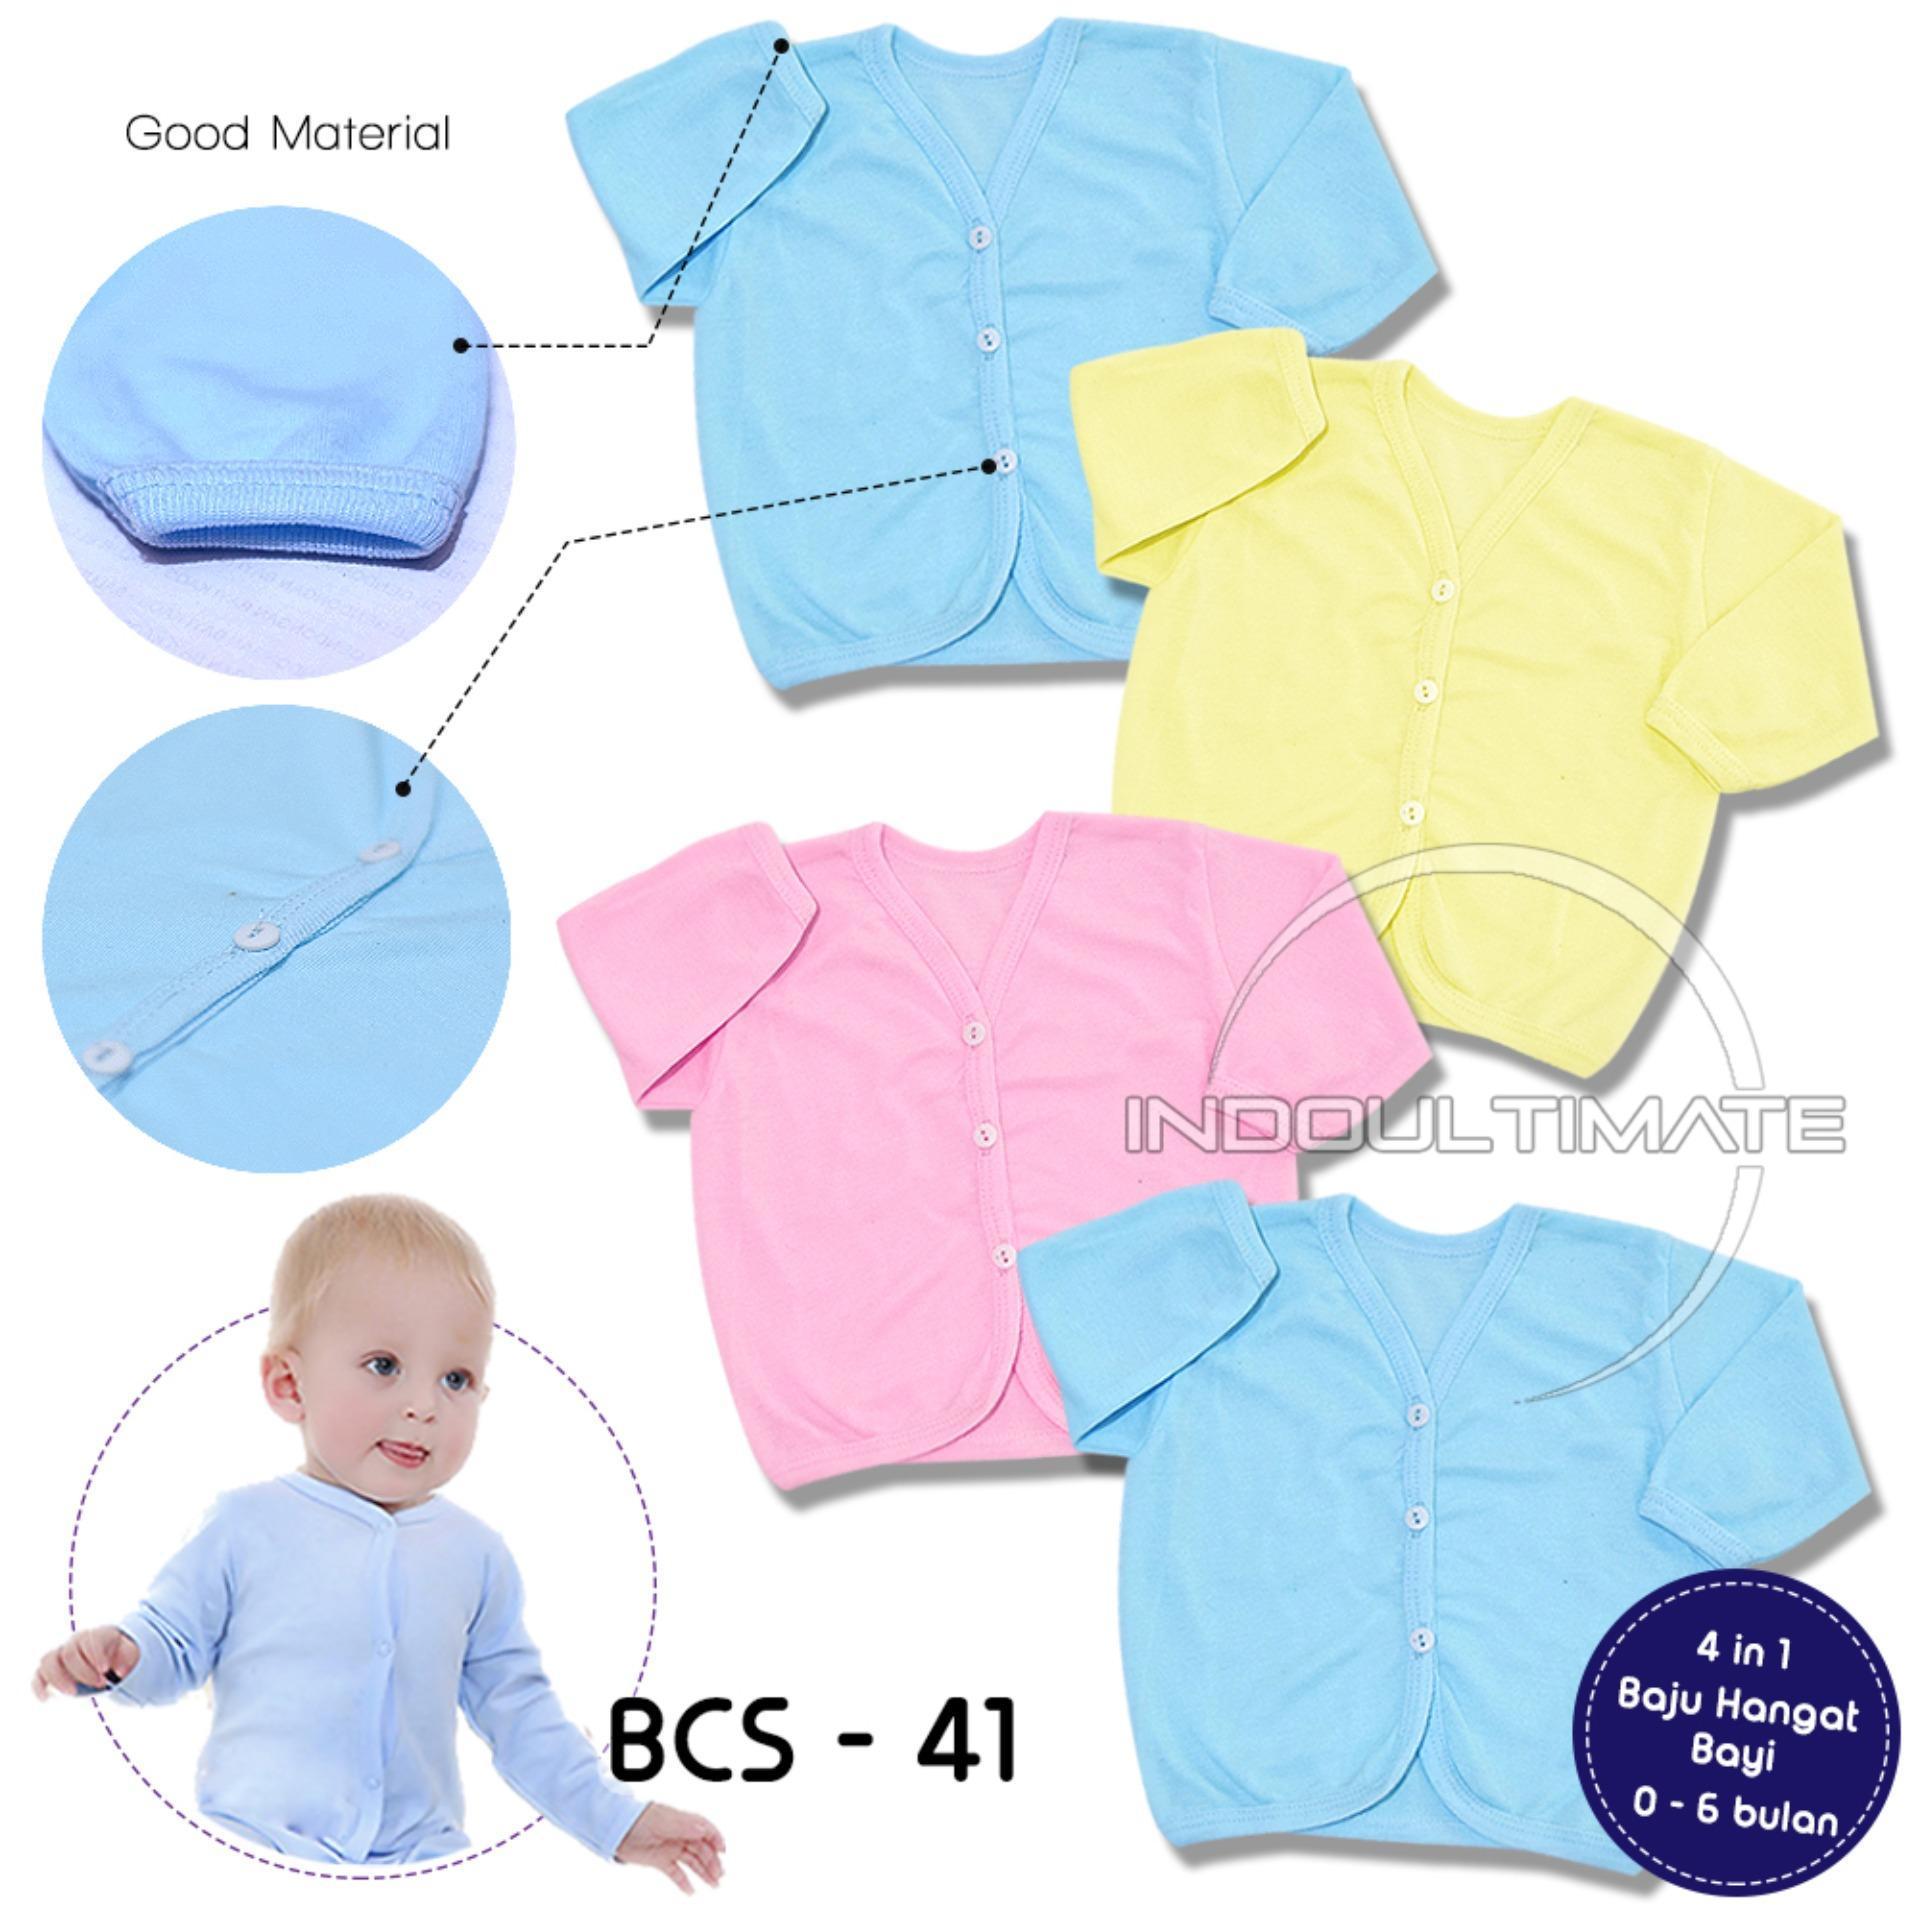 Harga Baju Bayi Newborn Perempuan Termurah Terbaru November 2018 Lengan Panjang Hangat 4pcs Bcs 41 Motif Random Laki